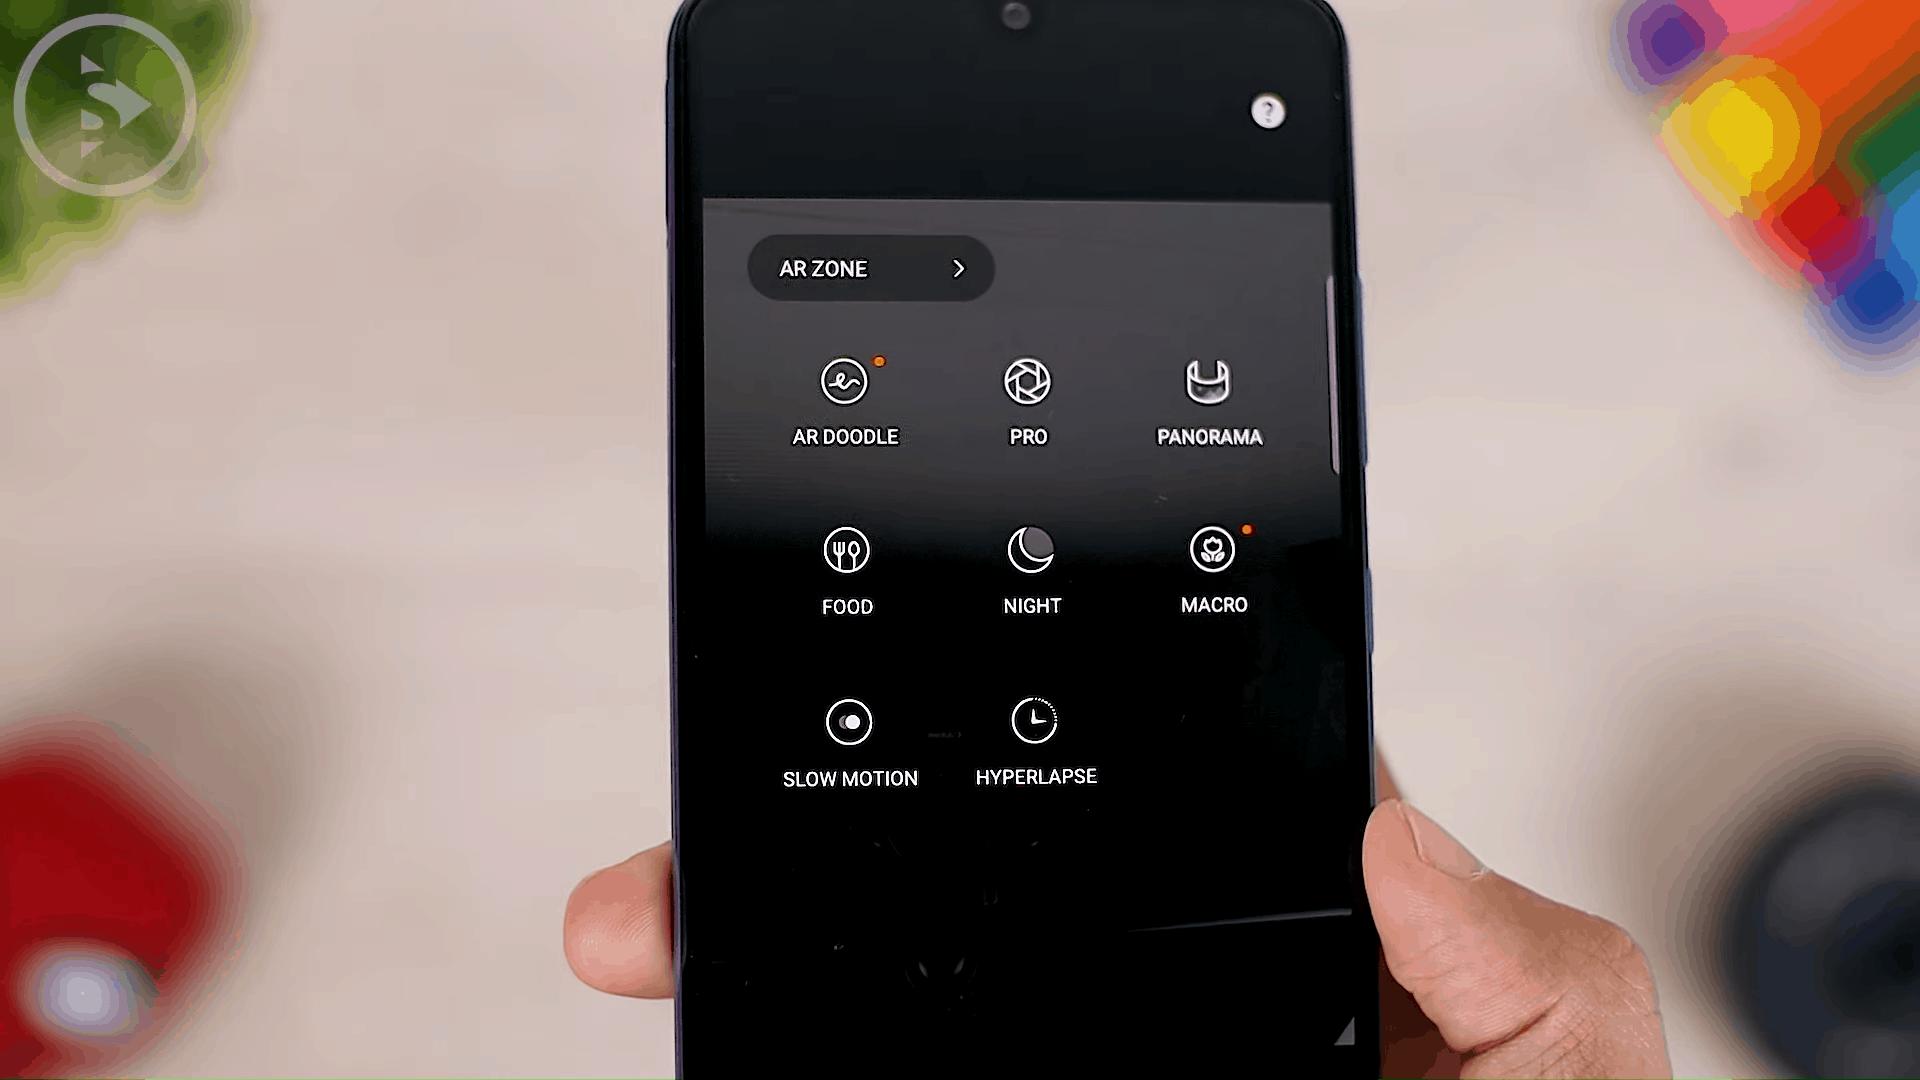 Menu Foto dan Video di Aplikasi Kamera Galaxy A32 - HP Samsung Layar AMOLED 90Hz, Baterai 5000mAH, Kamera 64MP dan Harga 3 Jutaan